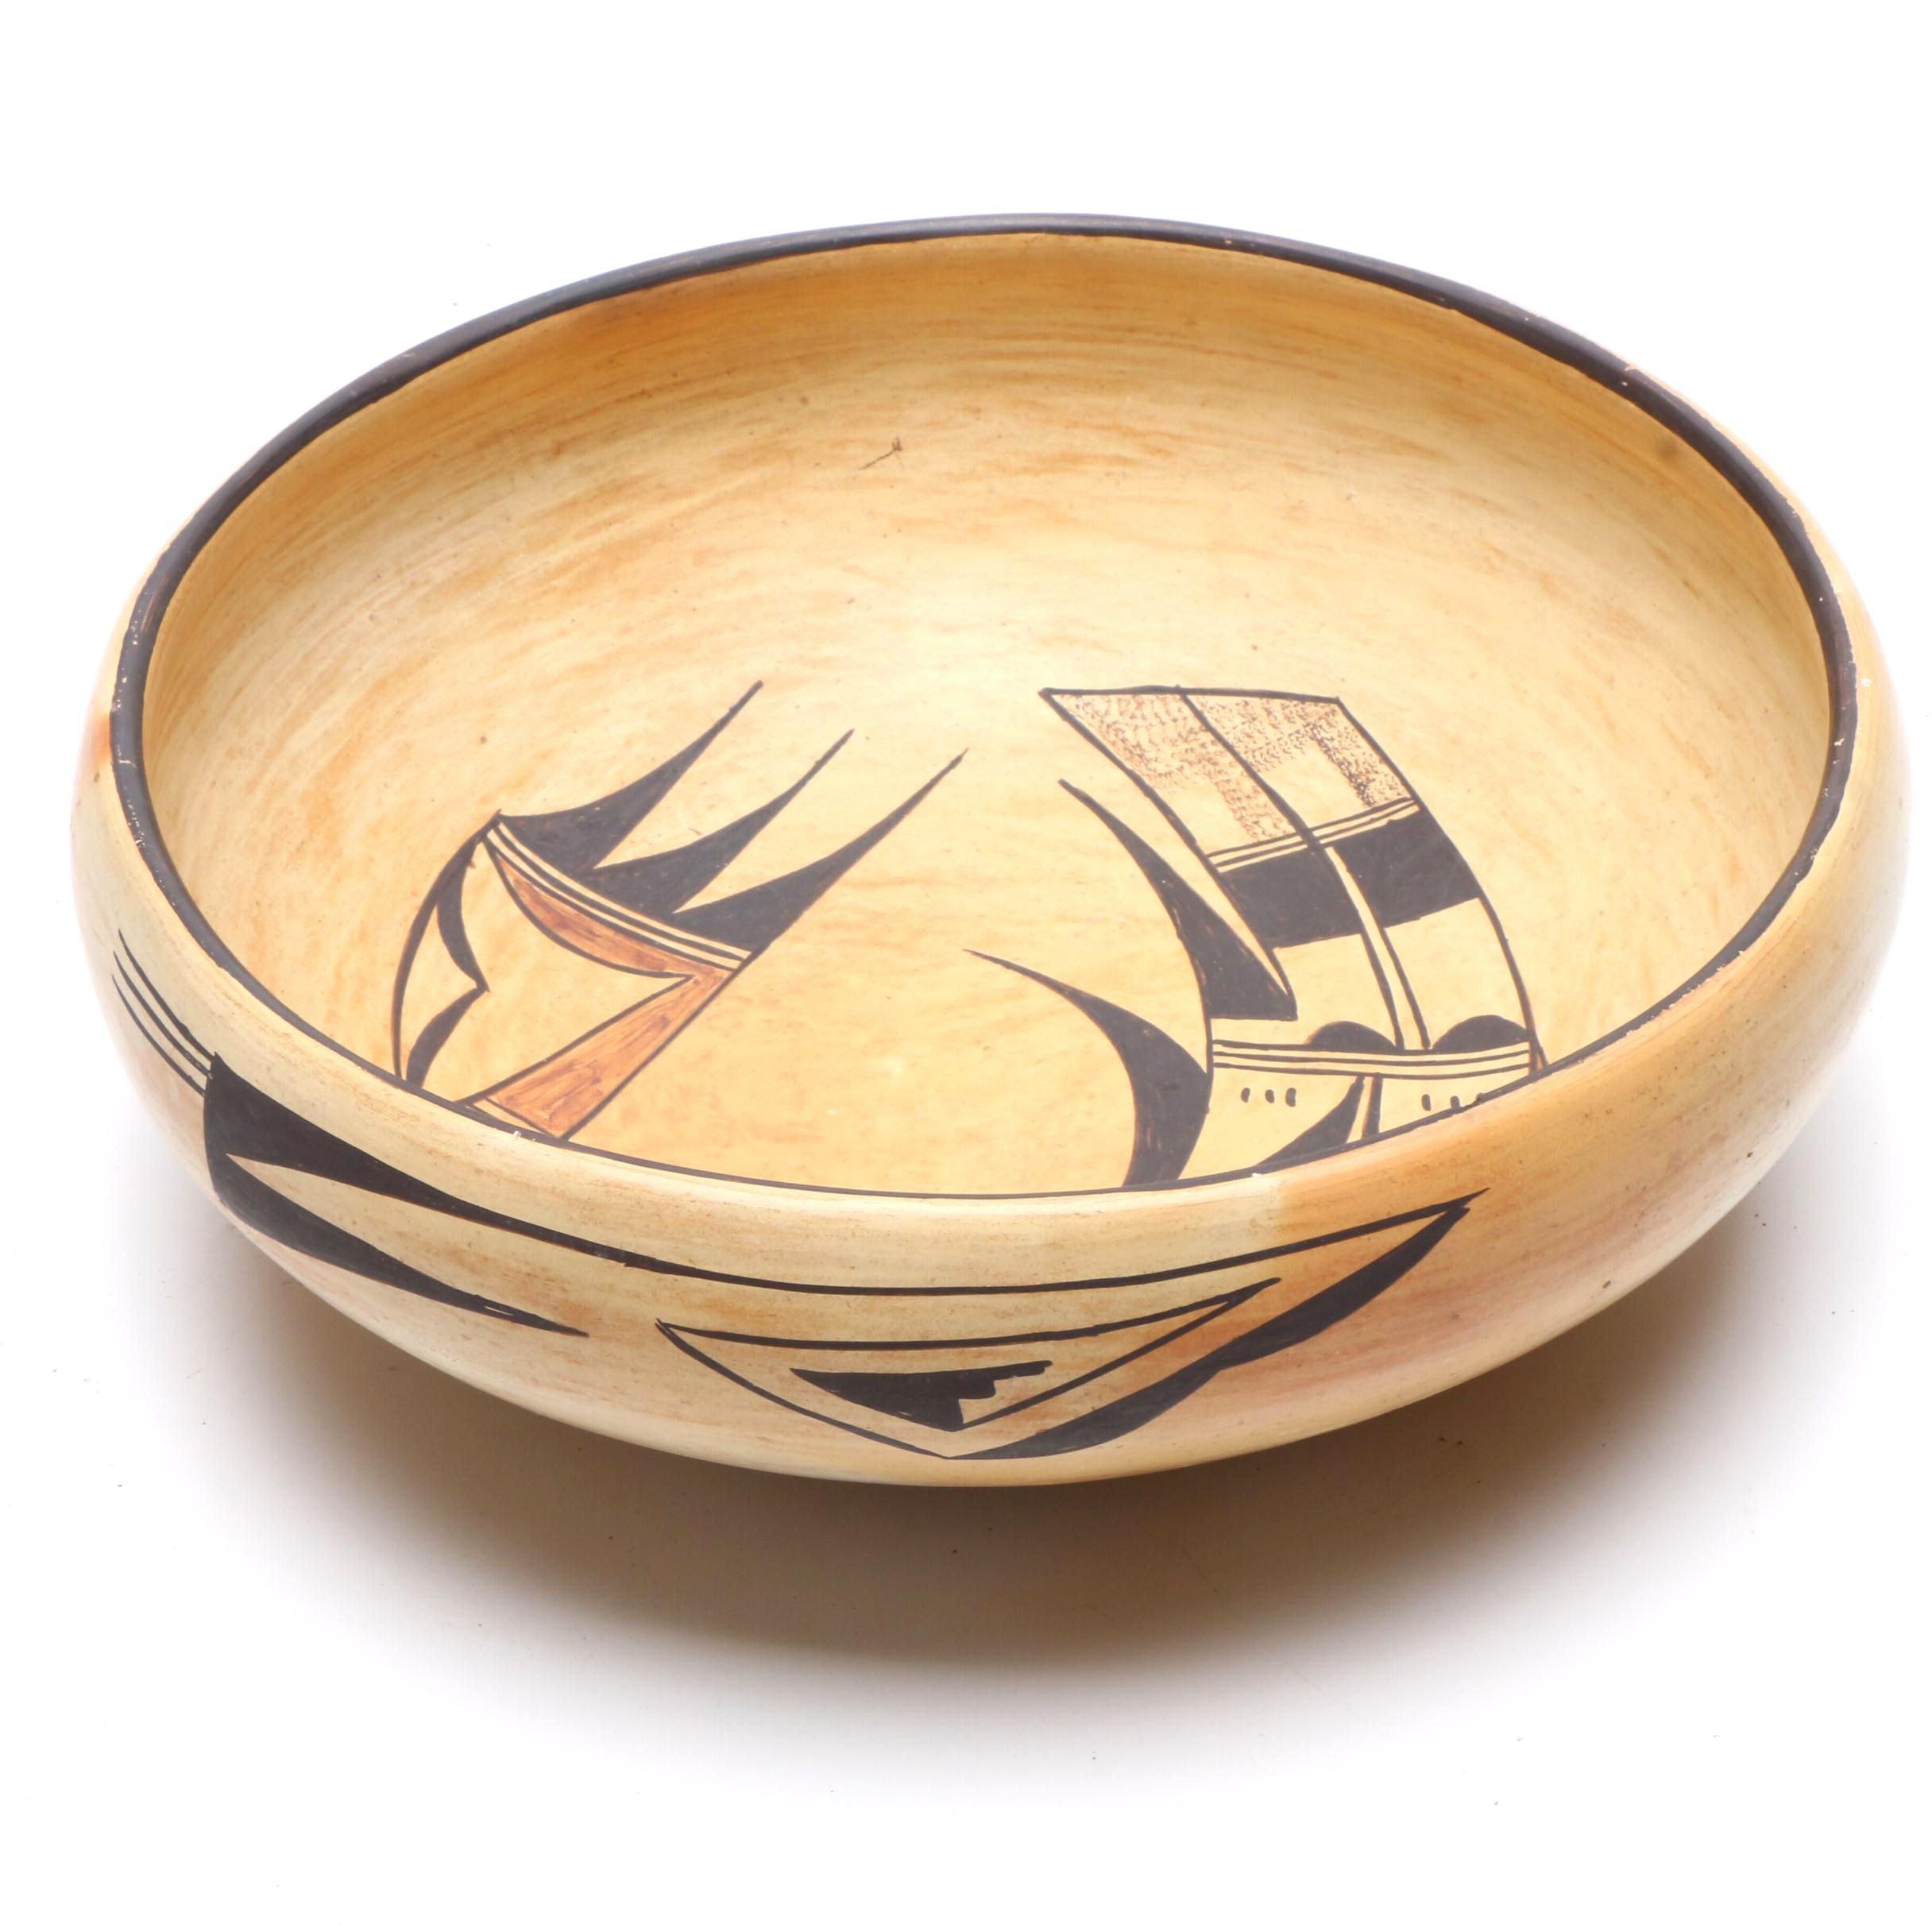 Ceramic Bowl with Stylized Bird